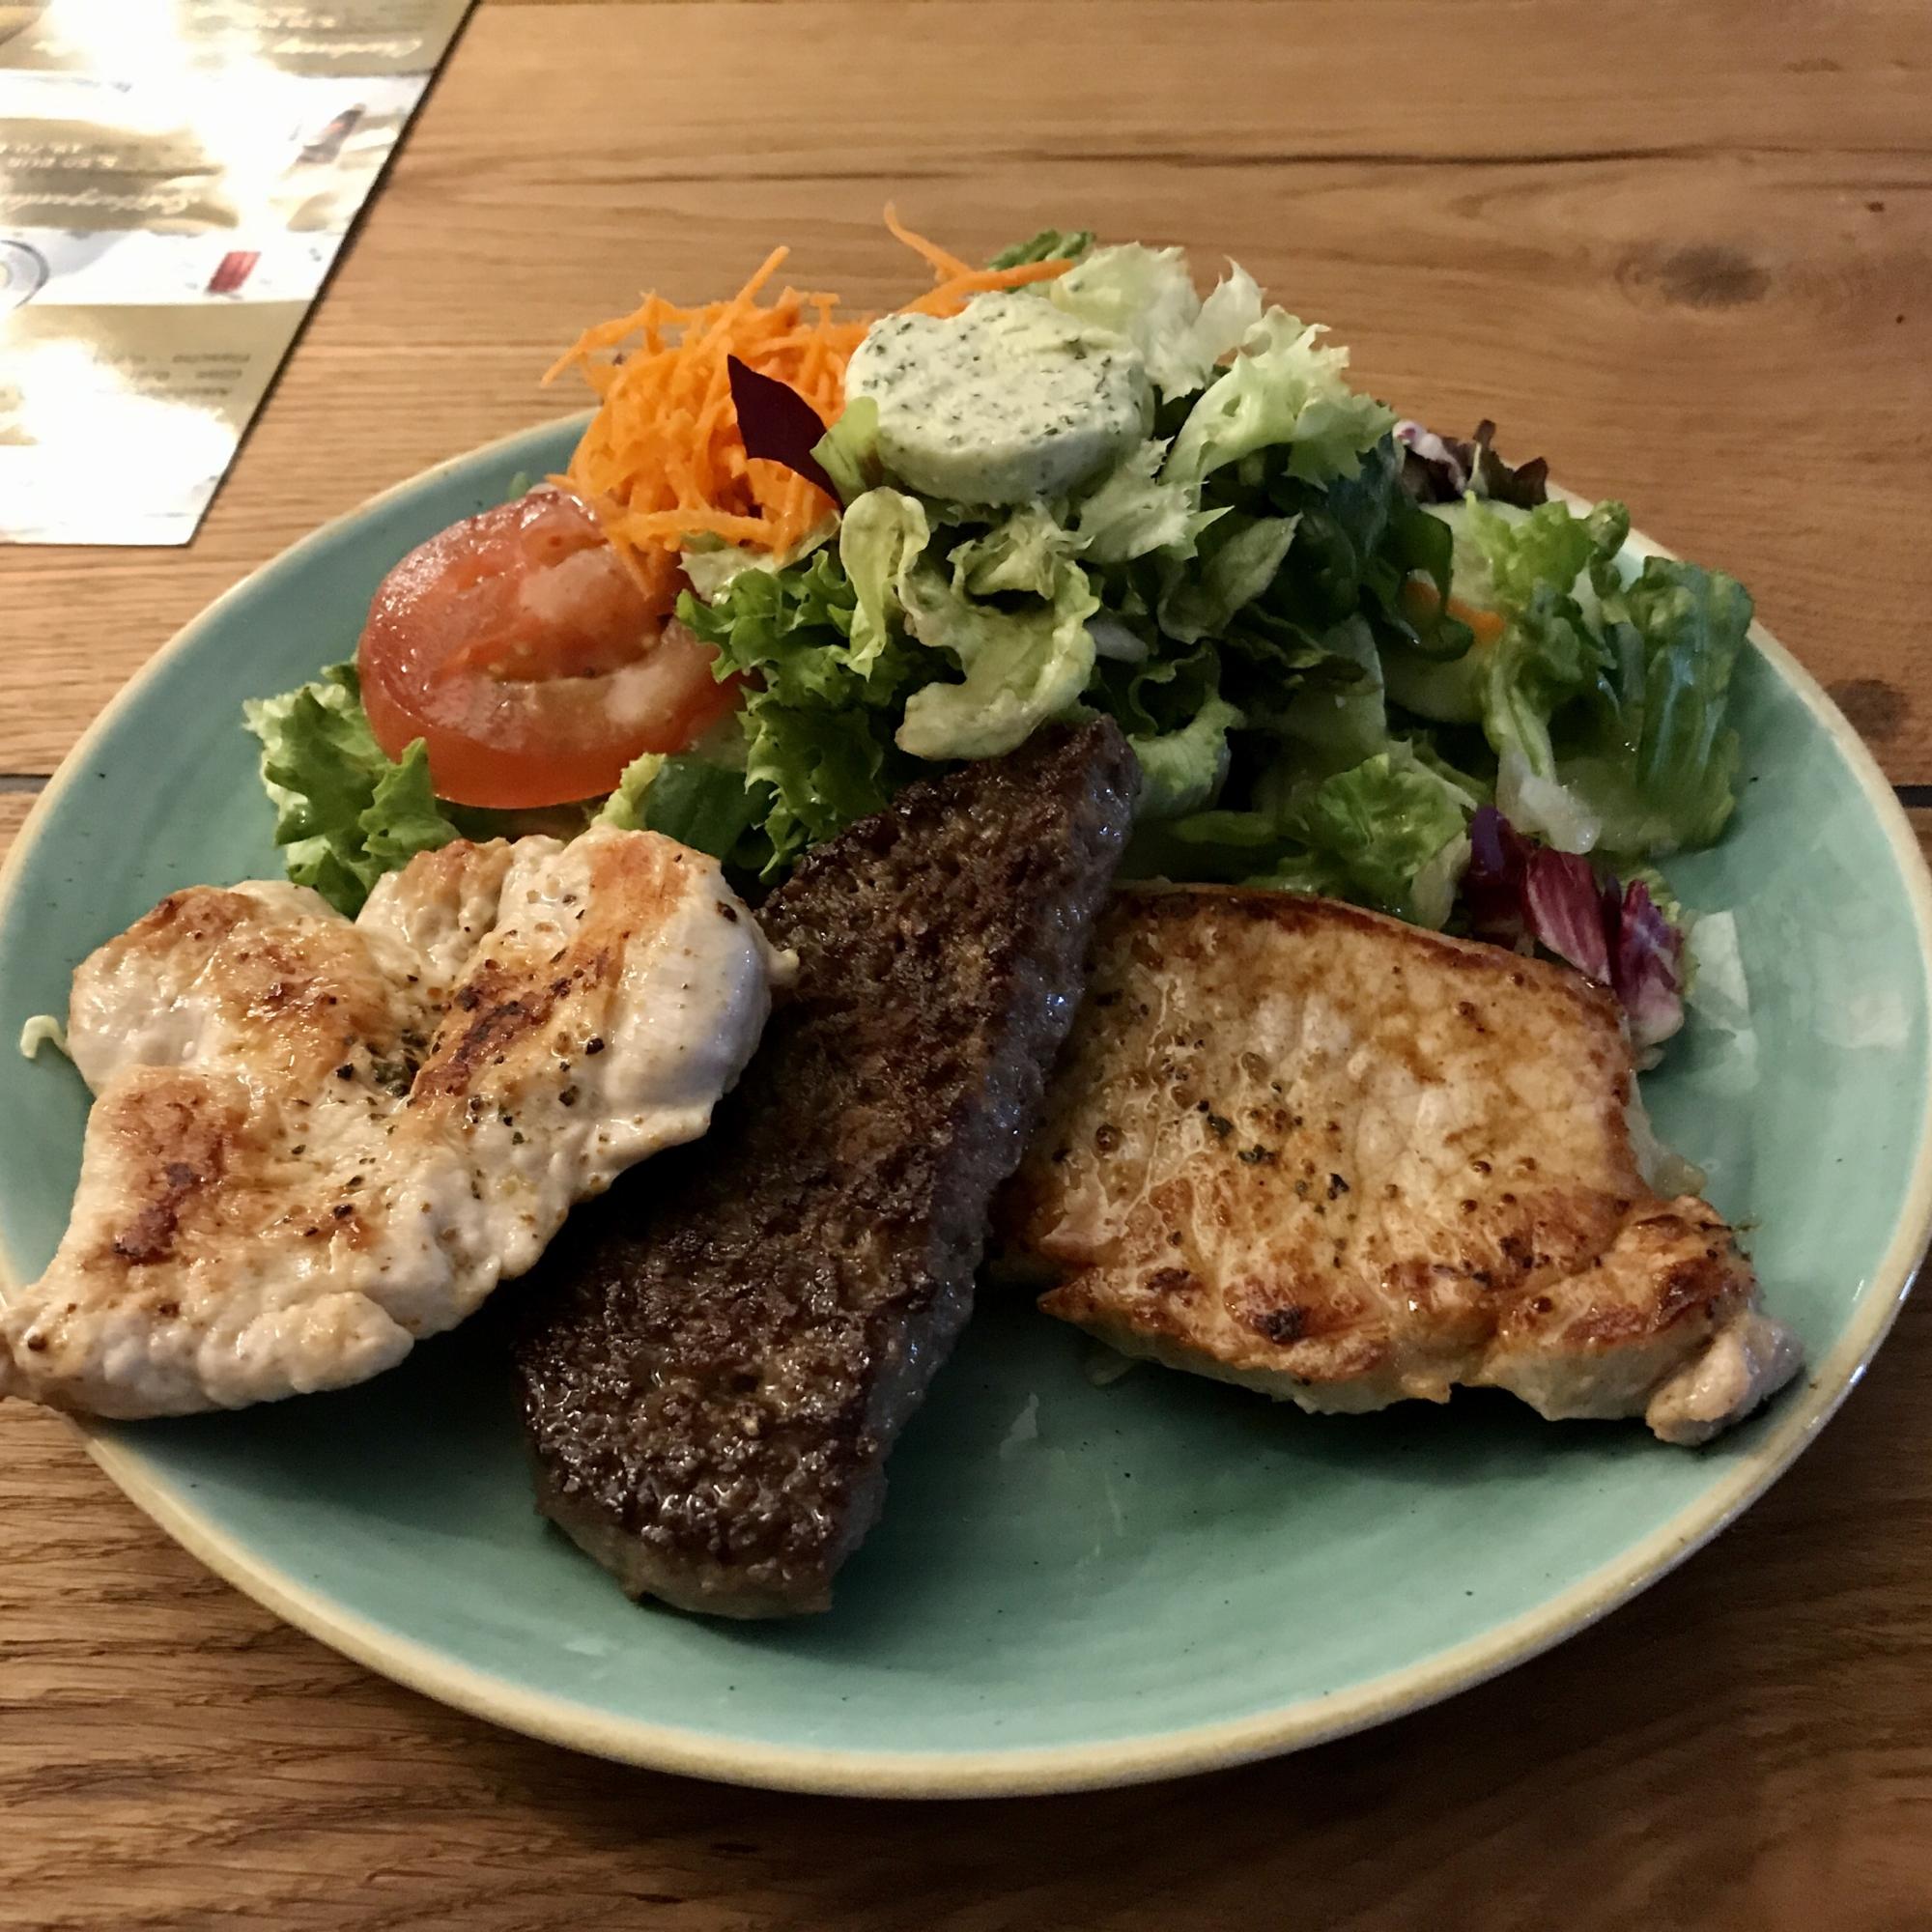 Restaurant-Wedel-Mühlenstein-Burger-Pizza-Brunch-Grillteller mit Salat